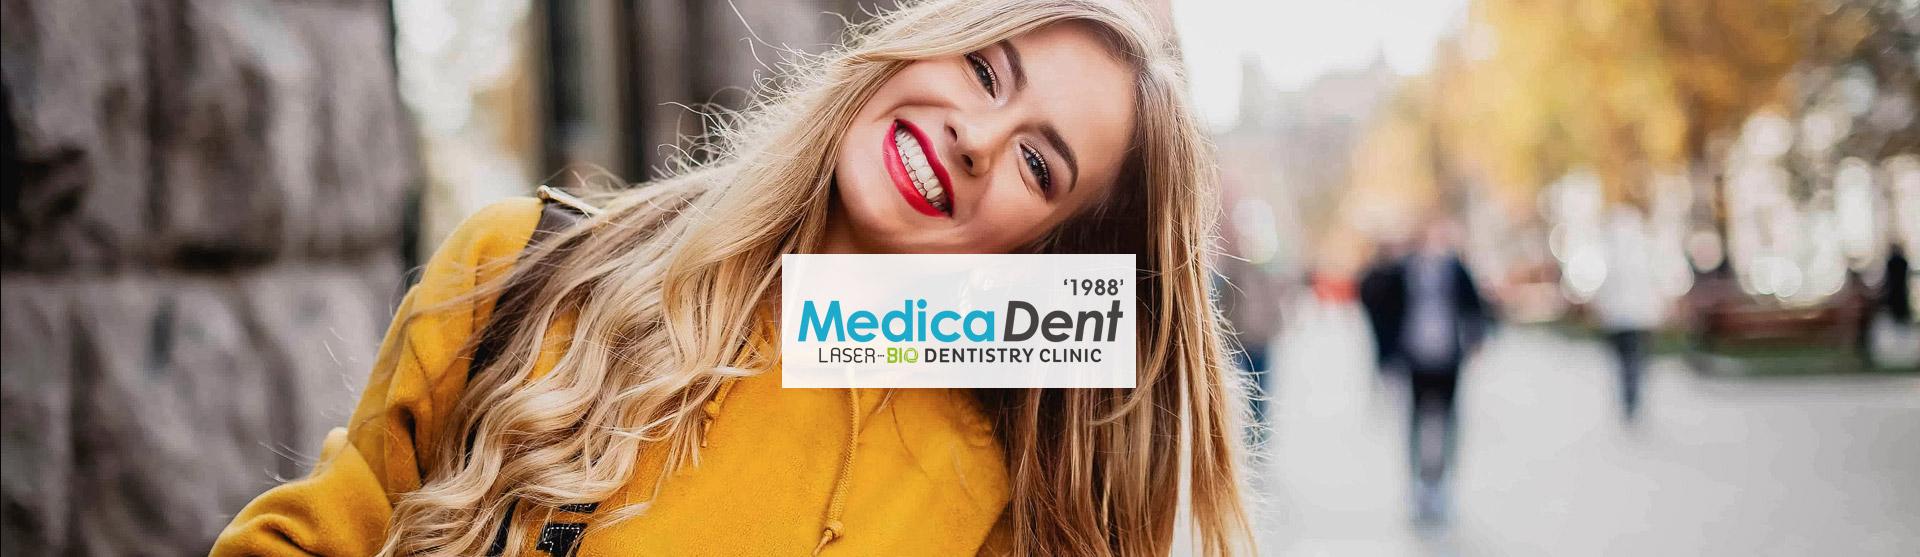 medicadent-smile-header-image